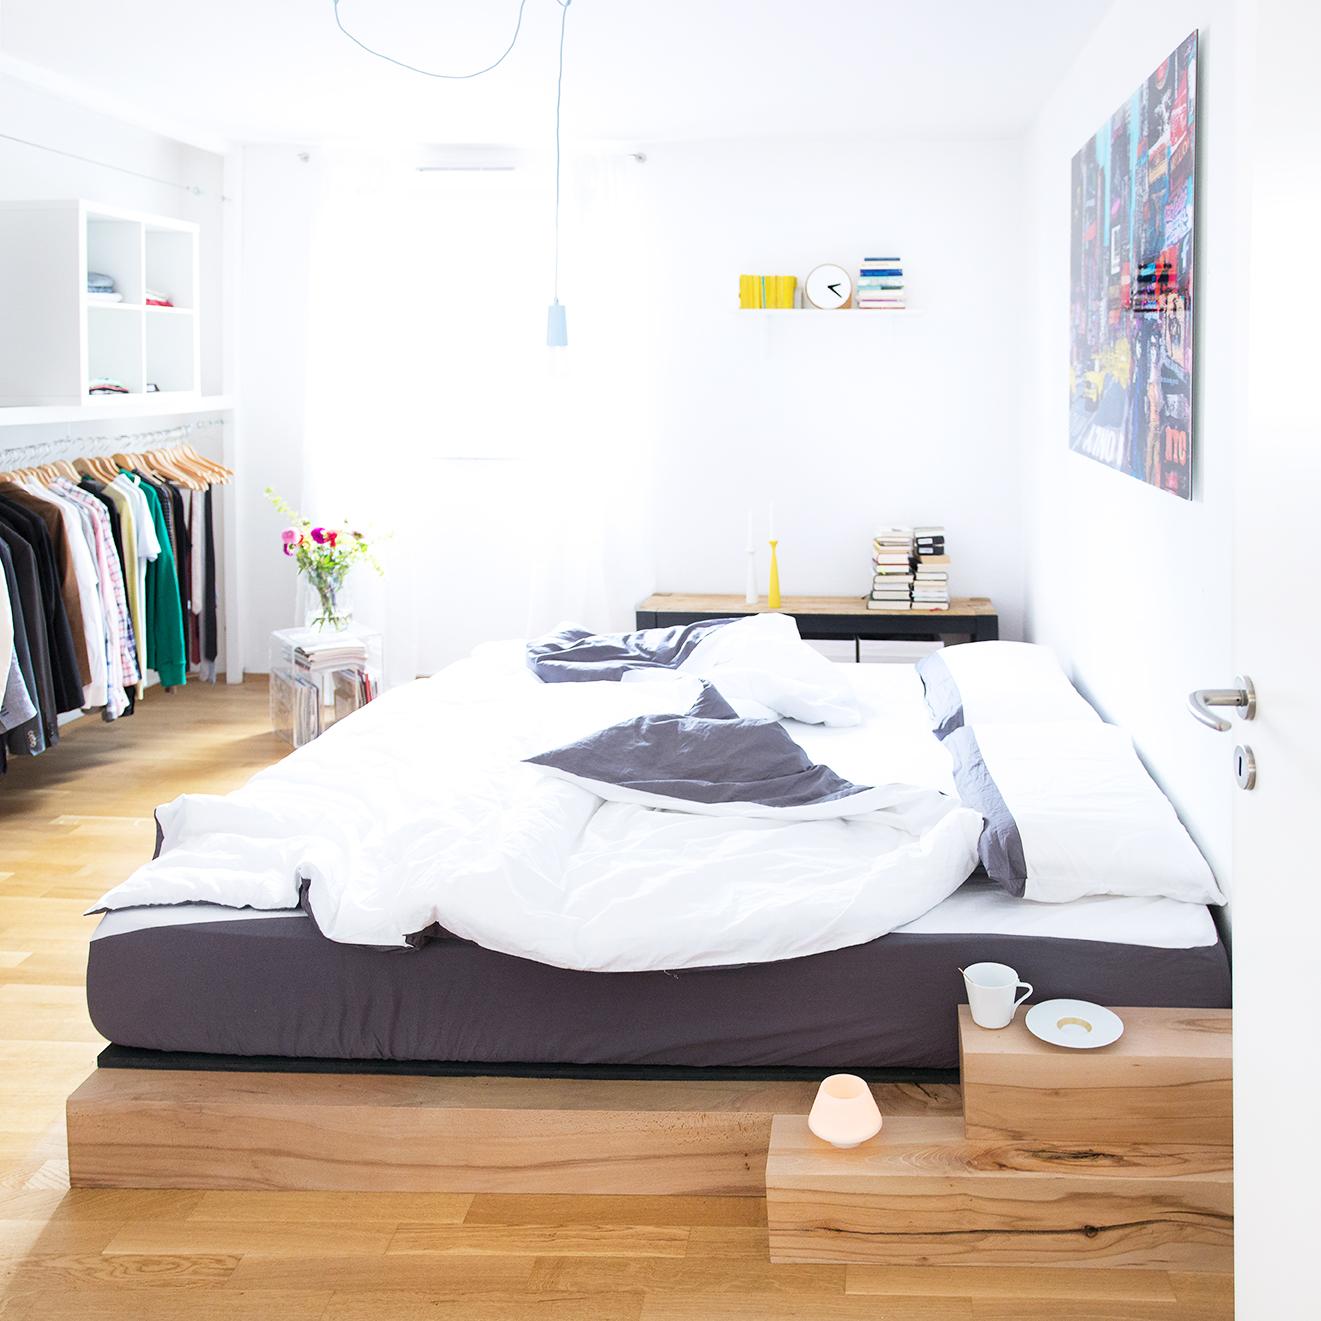 Full Size of Günstige Betten Diy Bett Anleitung Zum Selber Bauen Eines Massiv Holz Bettes Billige Balinesische Wohnwert Mit Aufbewahrung Schlafzimmer Außergewöhnliche Bett Günstige Betten